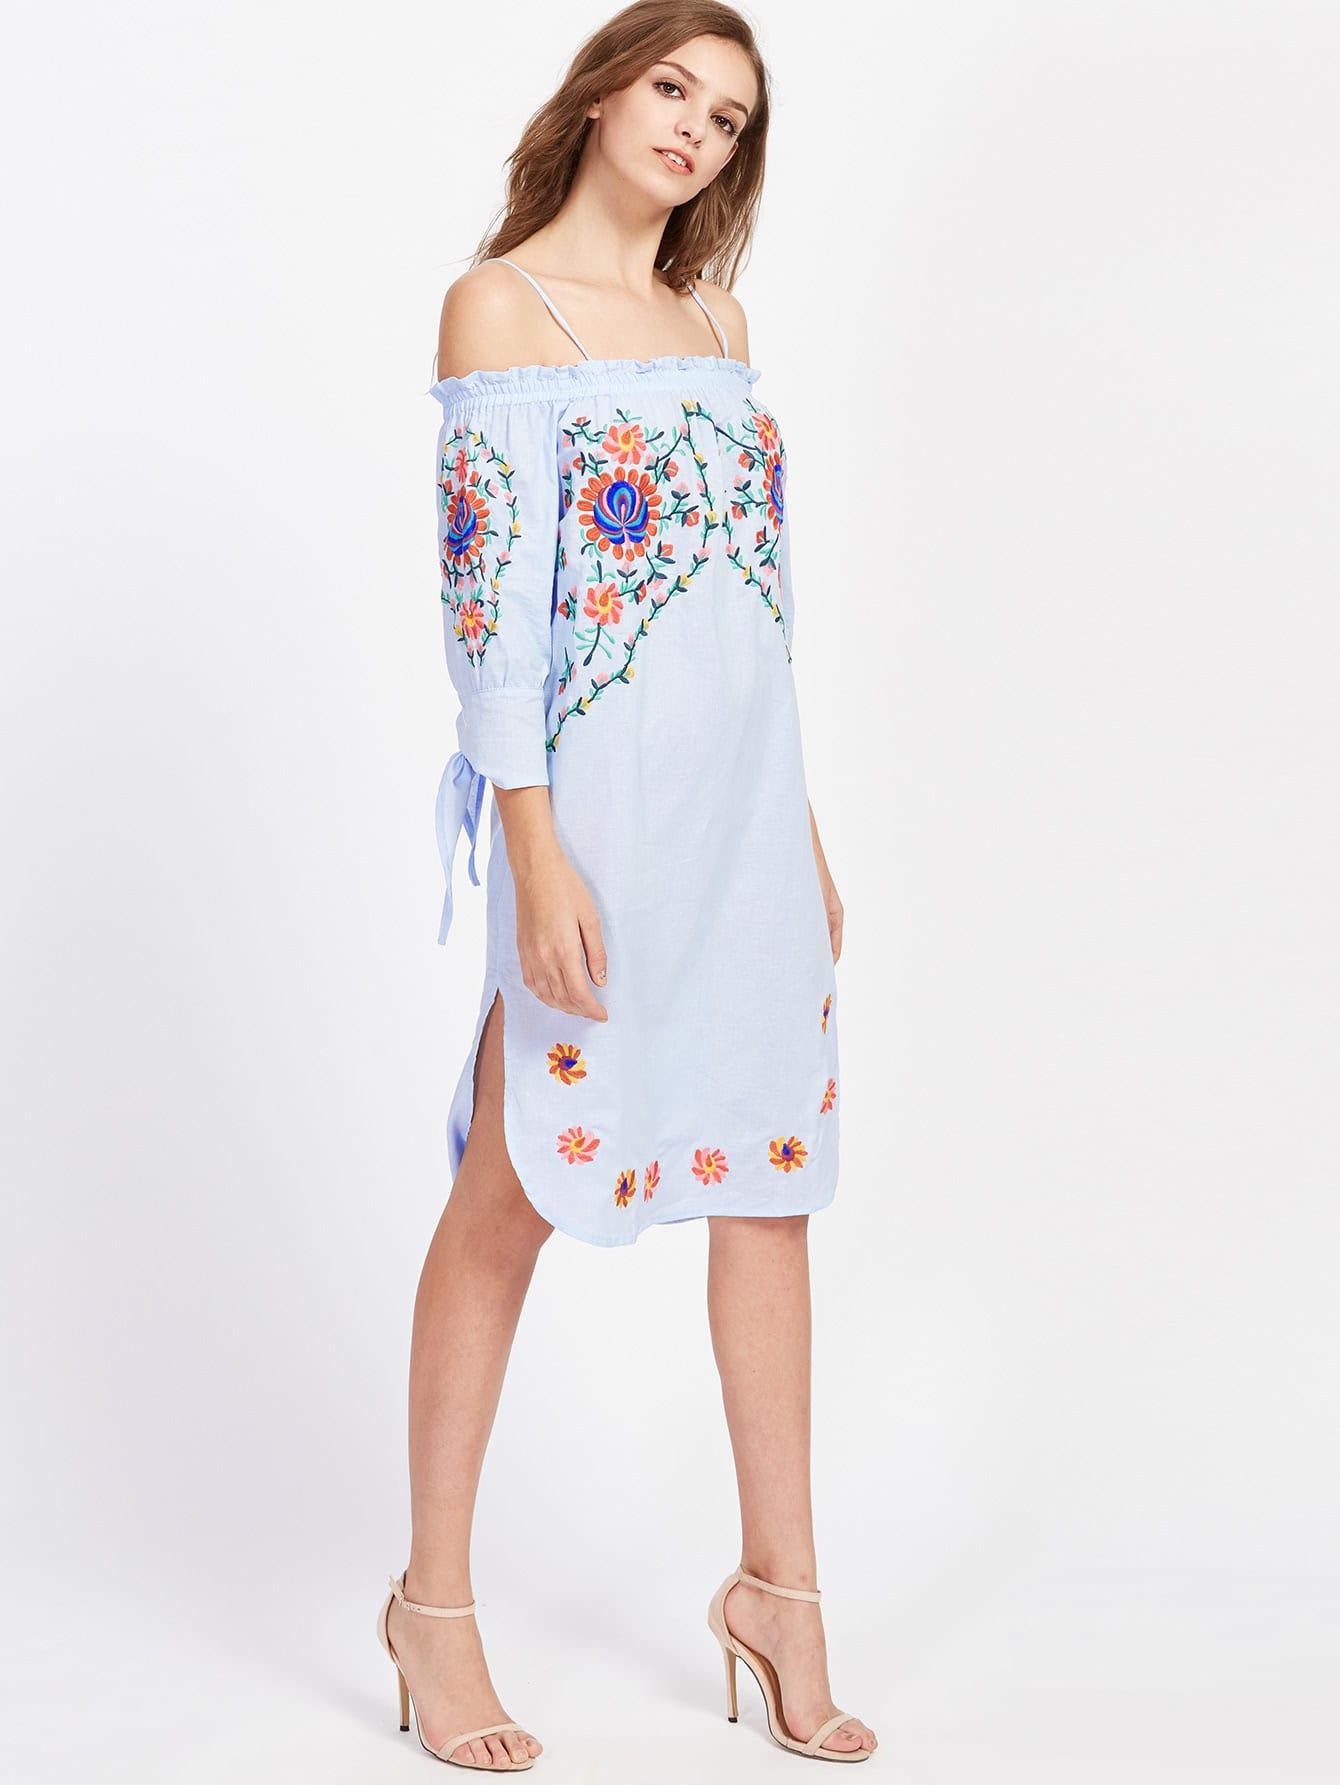 dress170501201_2